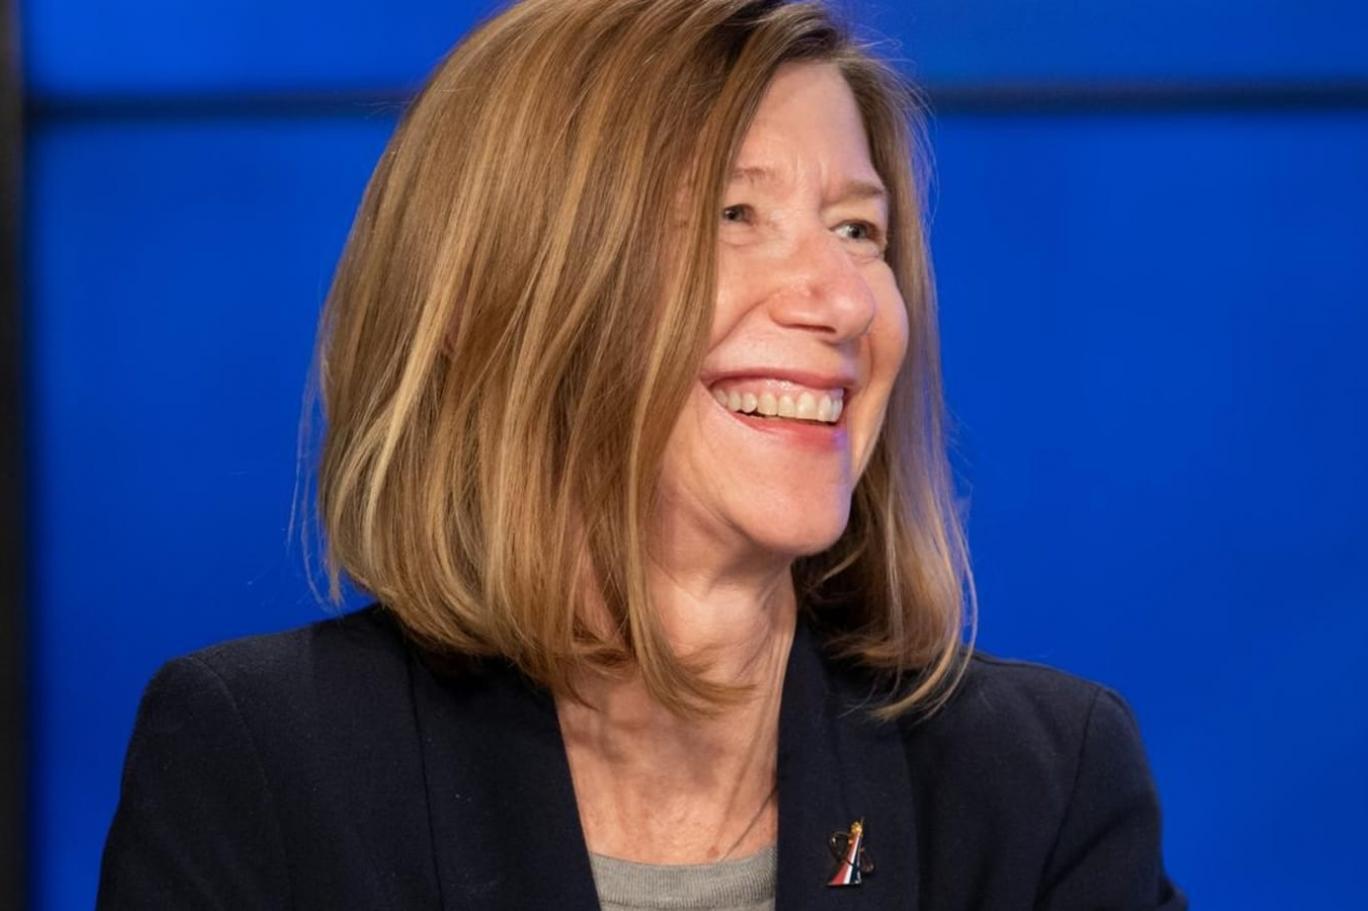 NASA ilk kez bir kadını kurumun insanlı uzay uçuşu programının başına getirdi